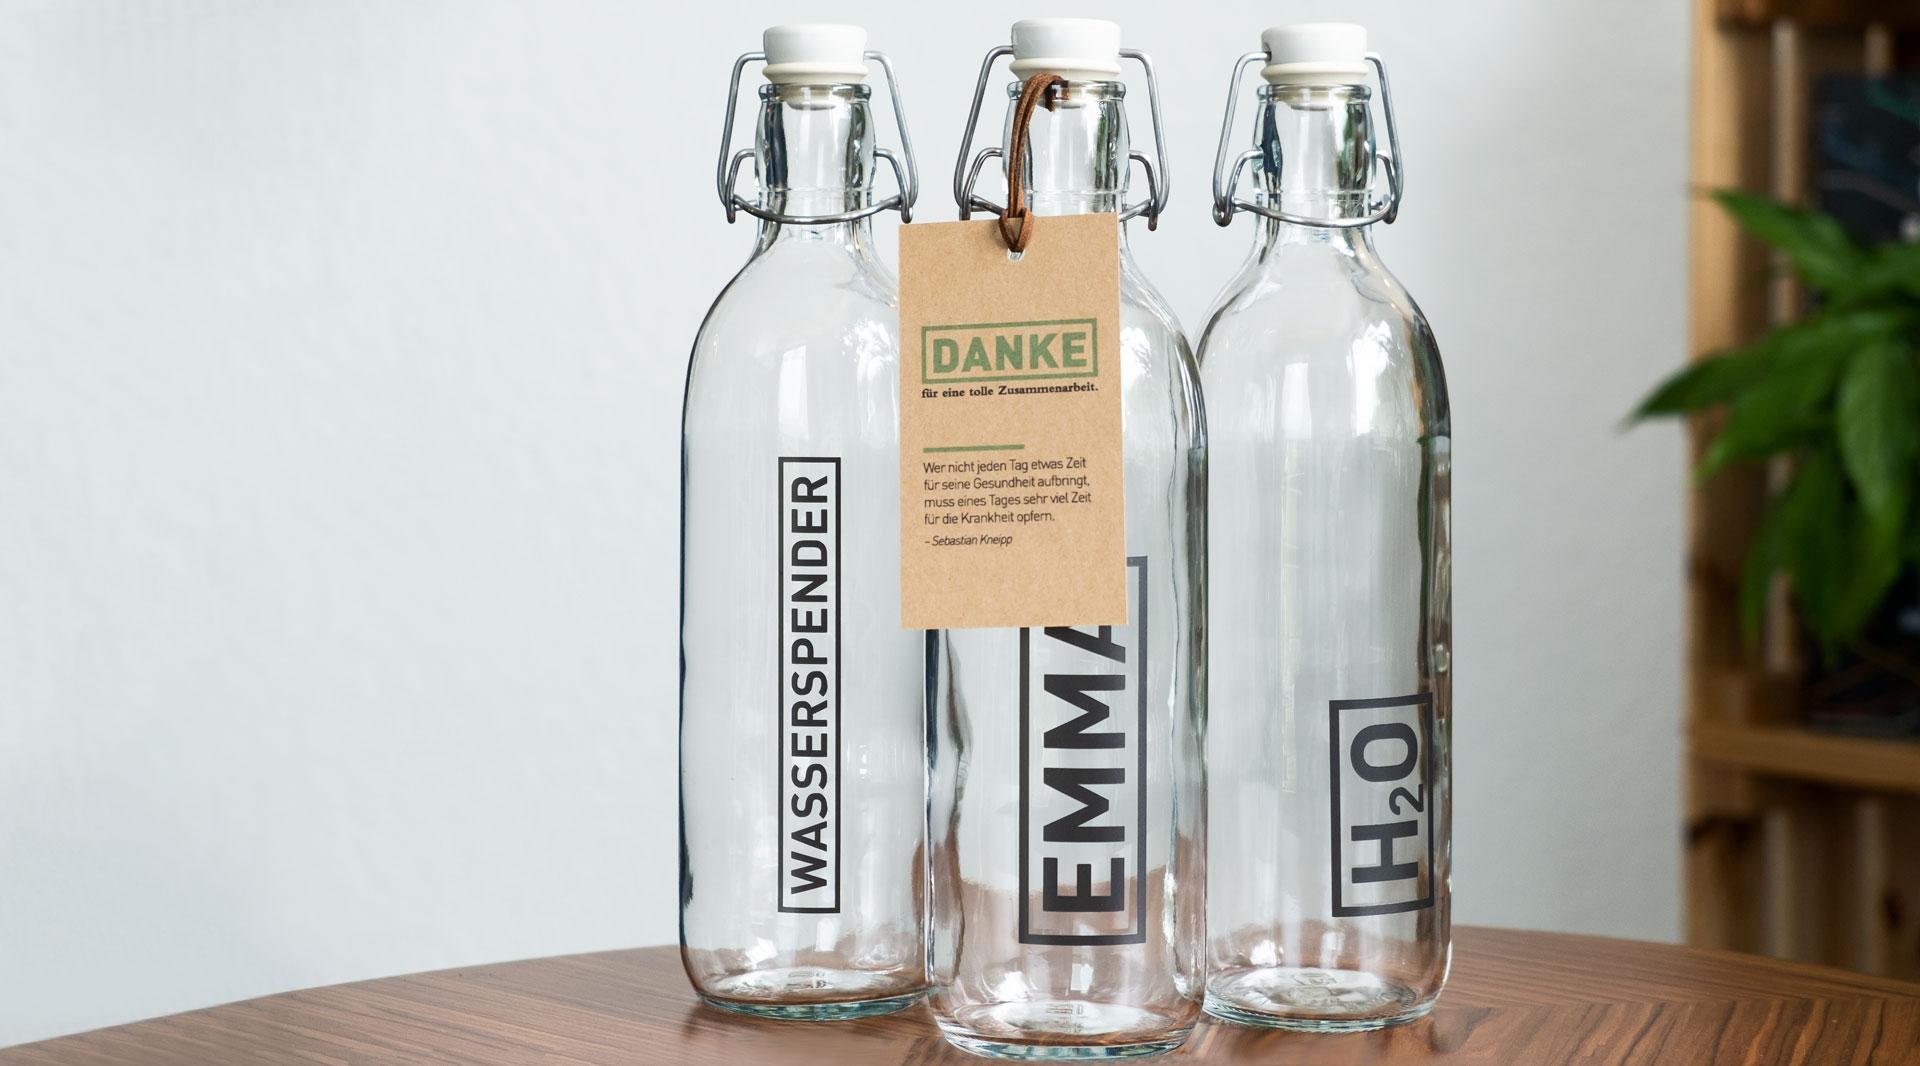 Packaging-DesignBelz GmbH Würzburg Trinkflaschen Verpackungsdesign jo's büro für Gestaltung Würzburg Mitarbeitergeschenk Individuell